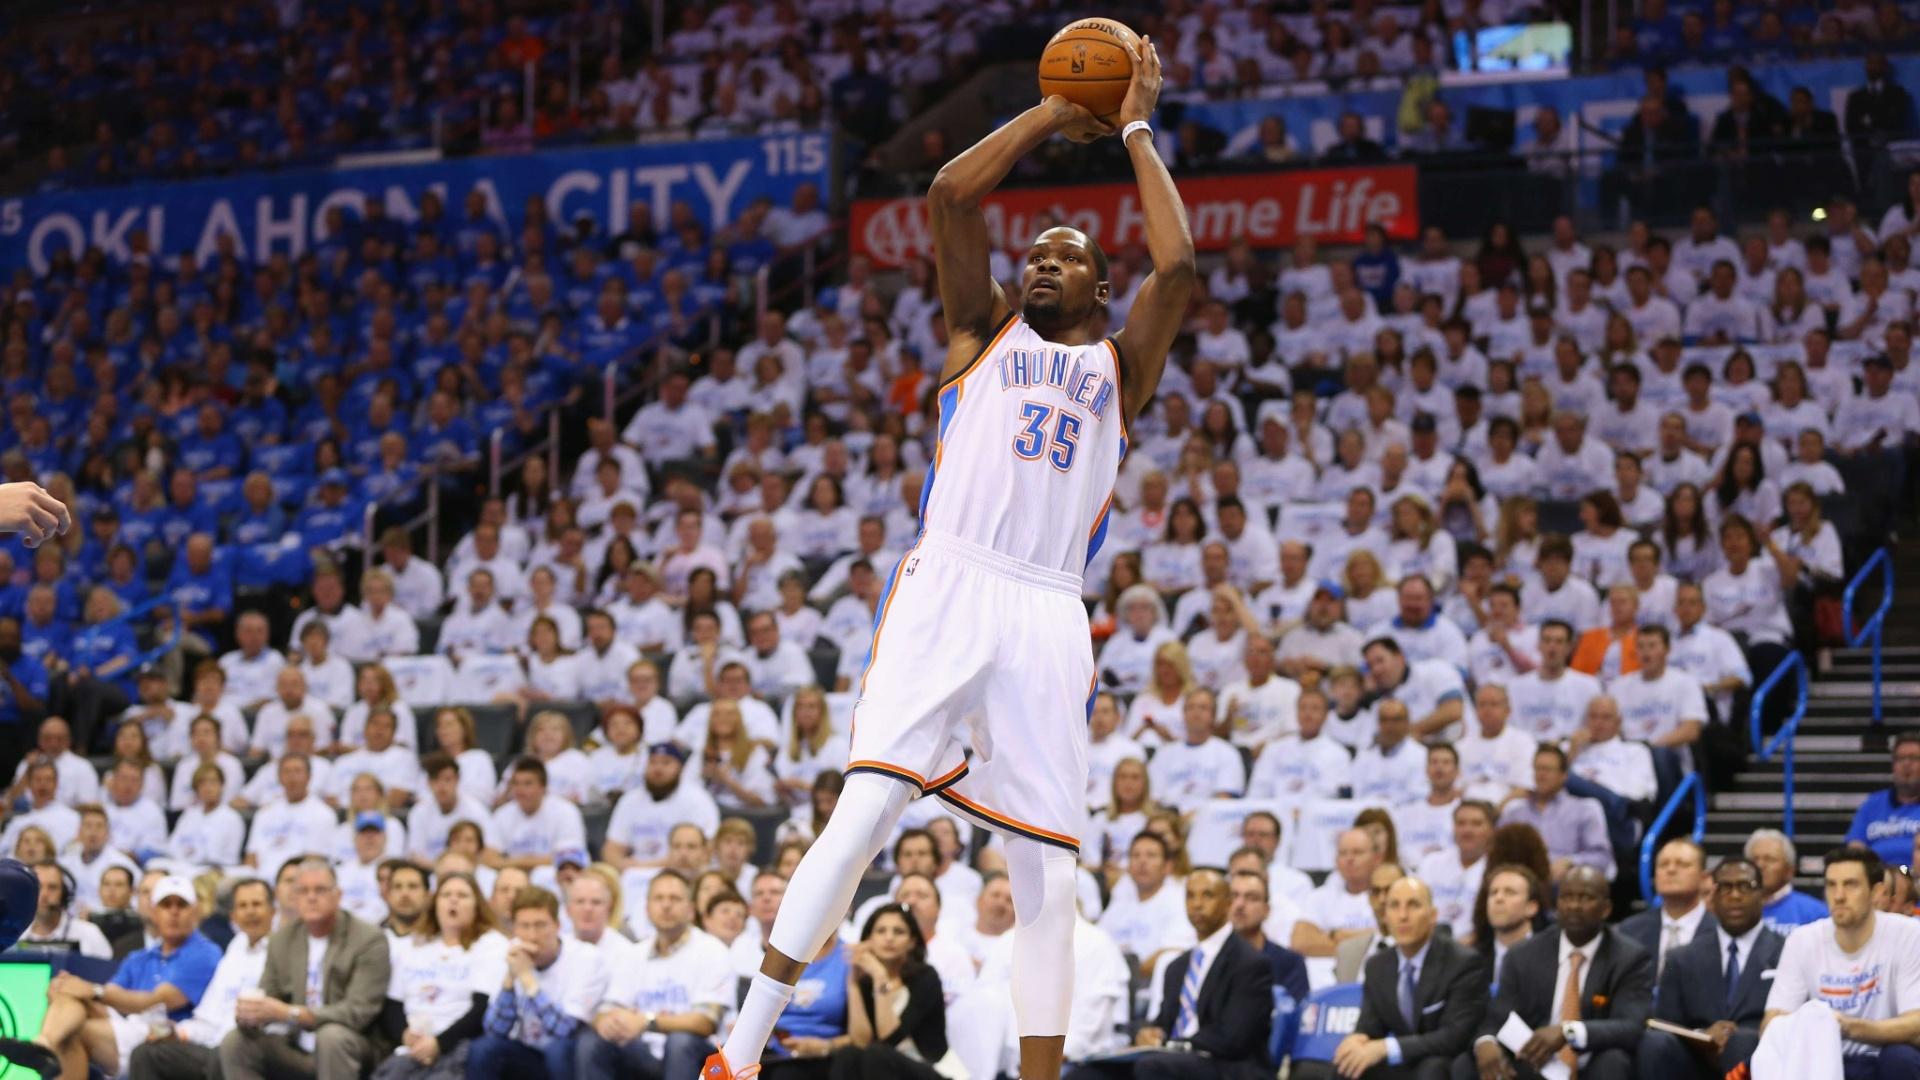 21.abr.2014 - Kevin Durant sobe para arremesso durante jogo contrao o Memphis Grizzlies nos playoffs da NBA